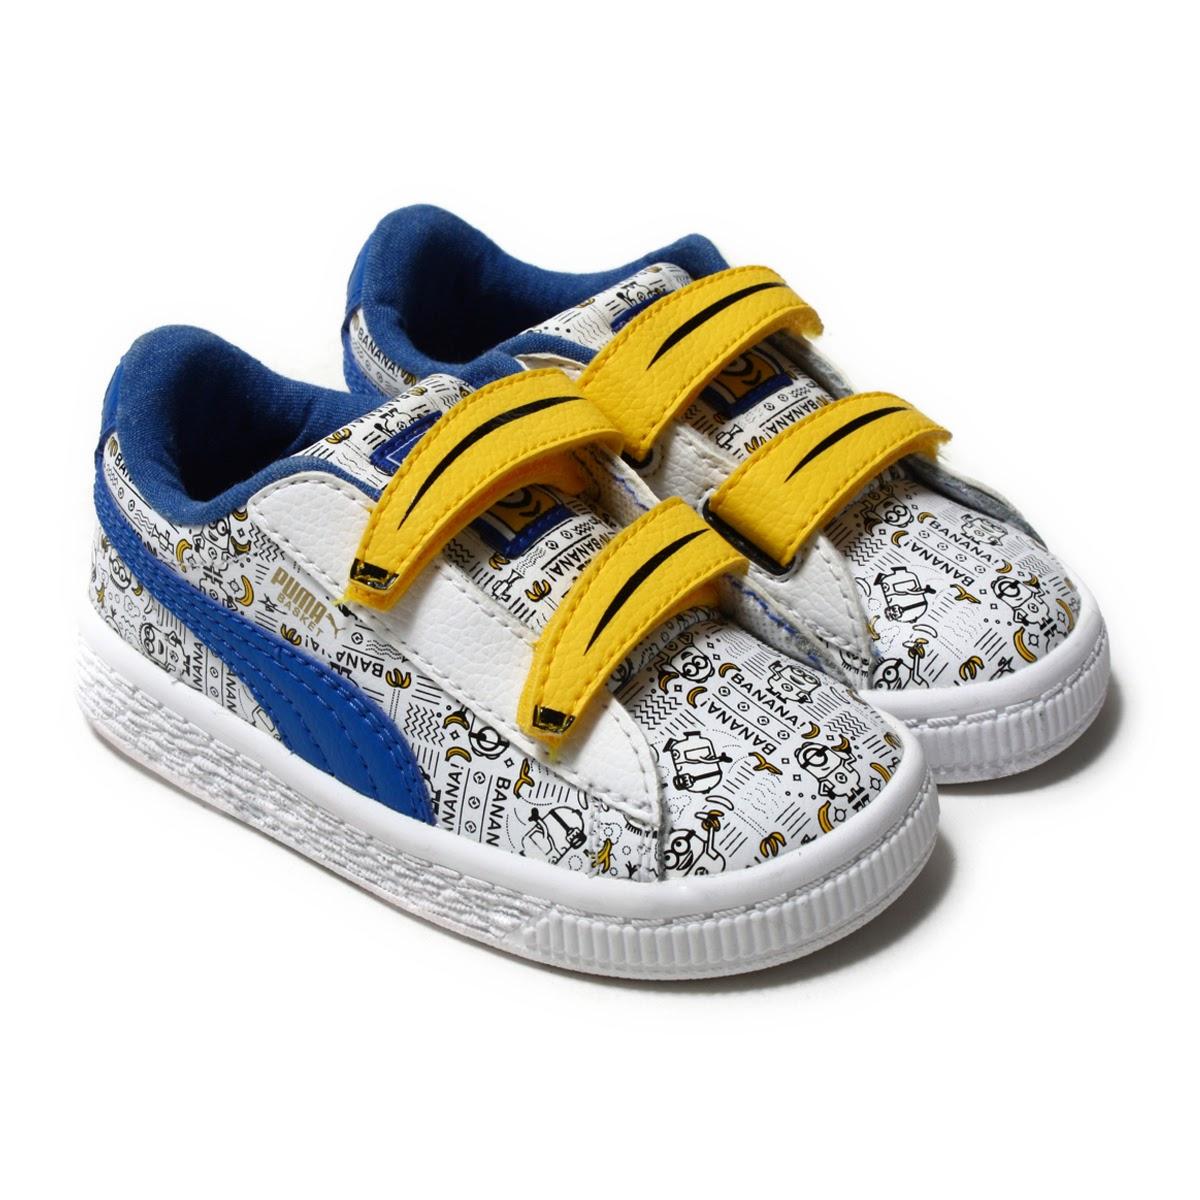 puma baby shoes singapore